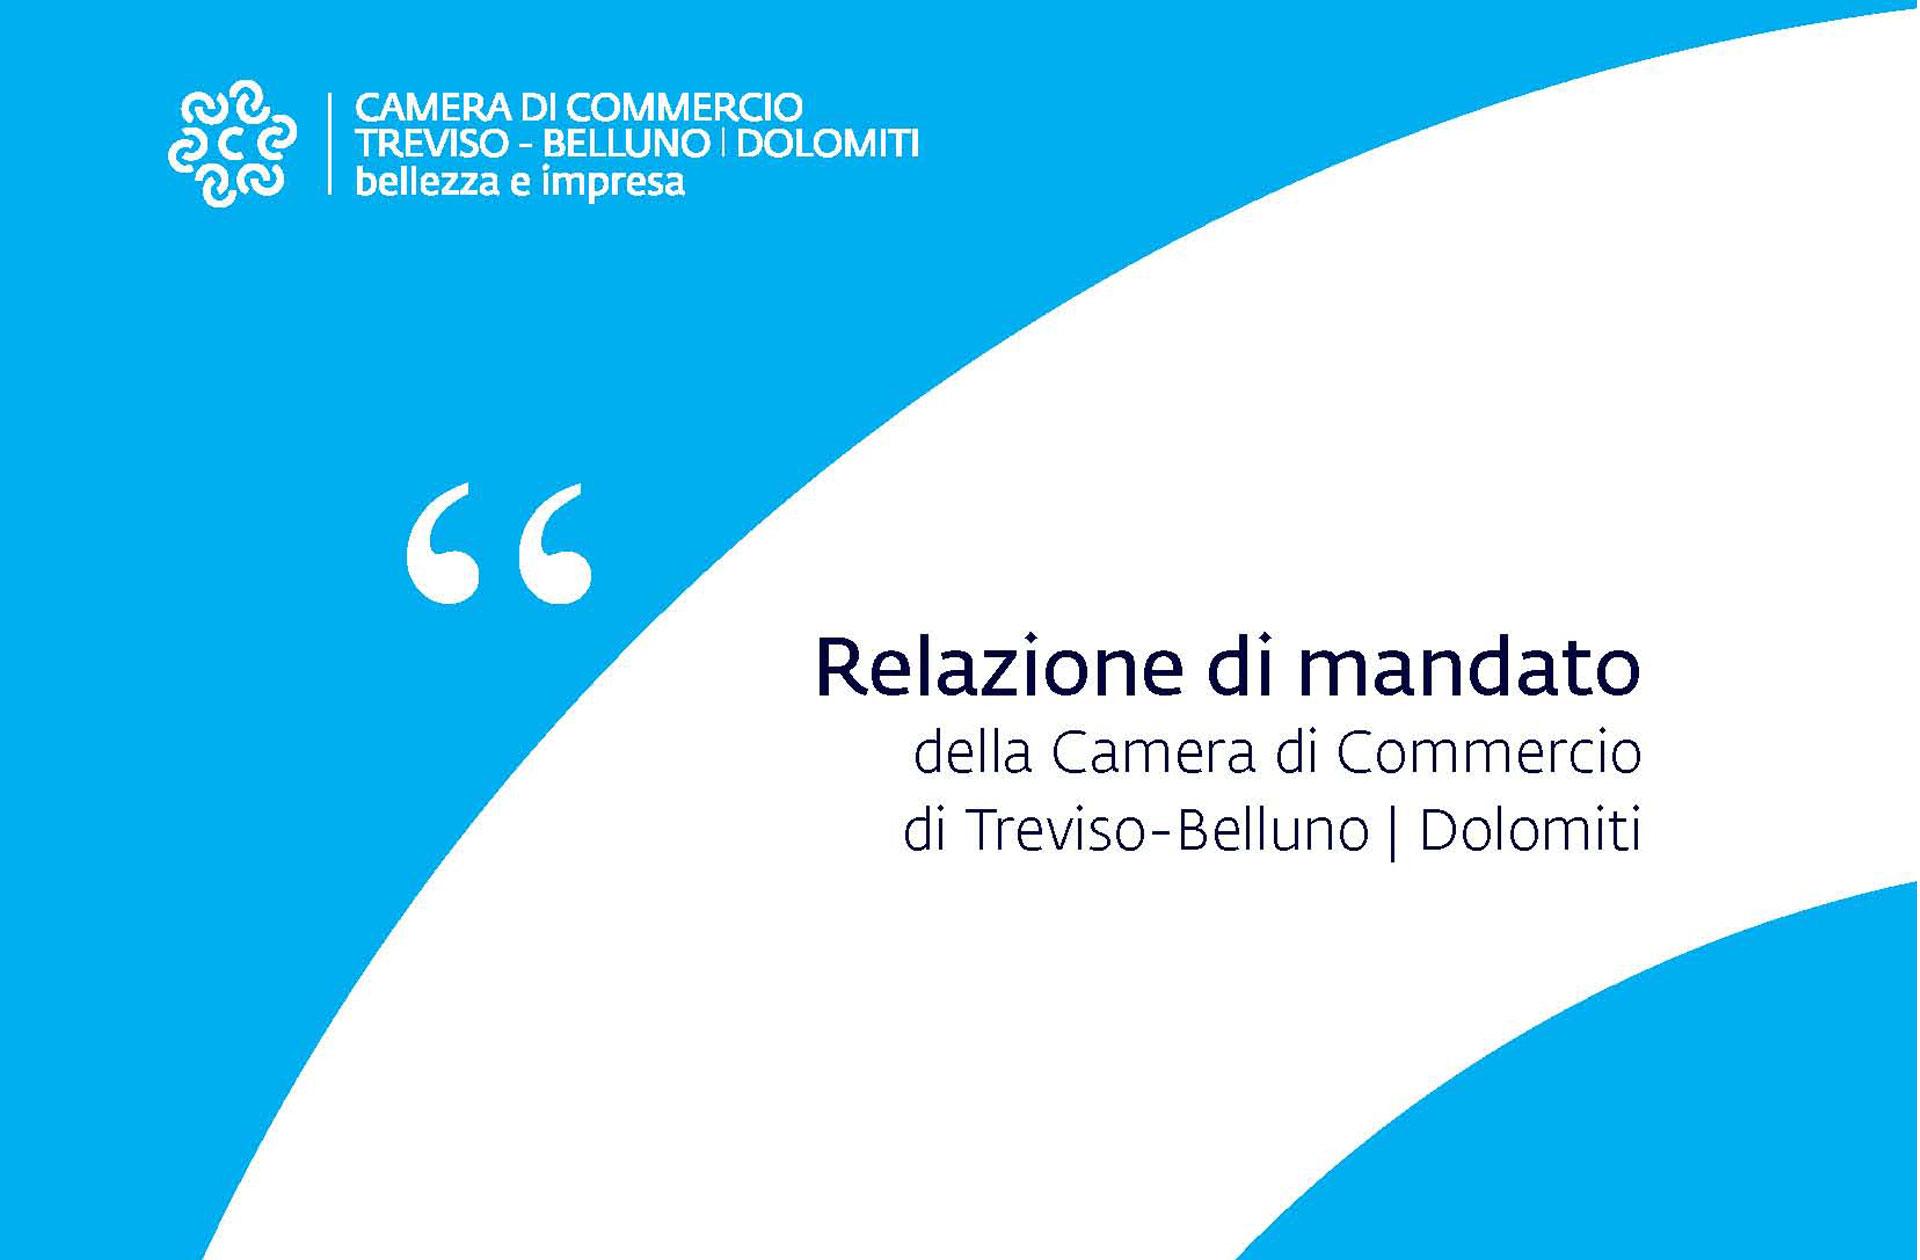 Relazione di fine mandato 2016-2021 della Camera di Commercio di Treviso - Belluno|Dolomiti